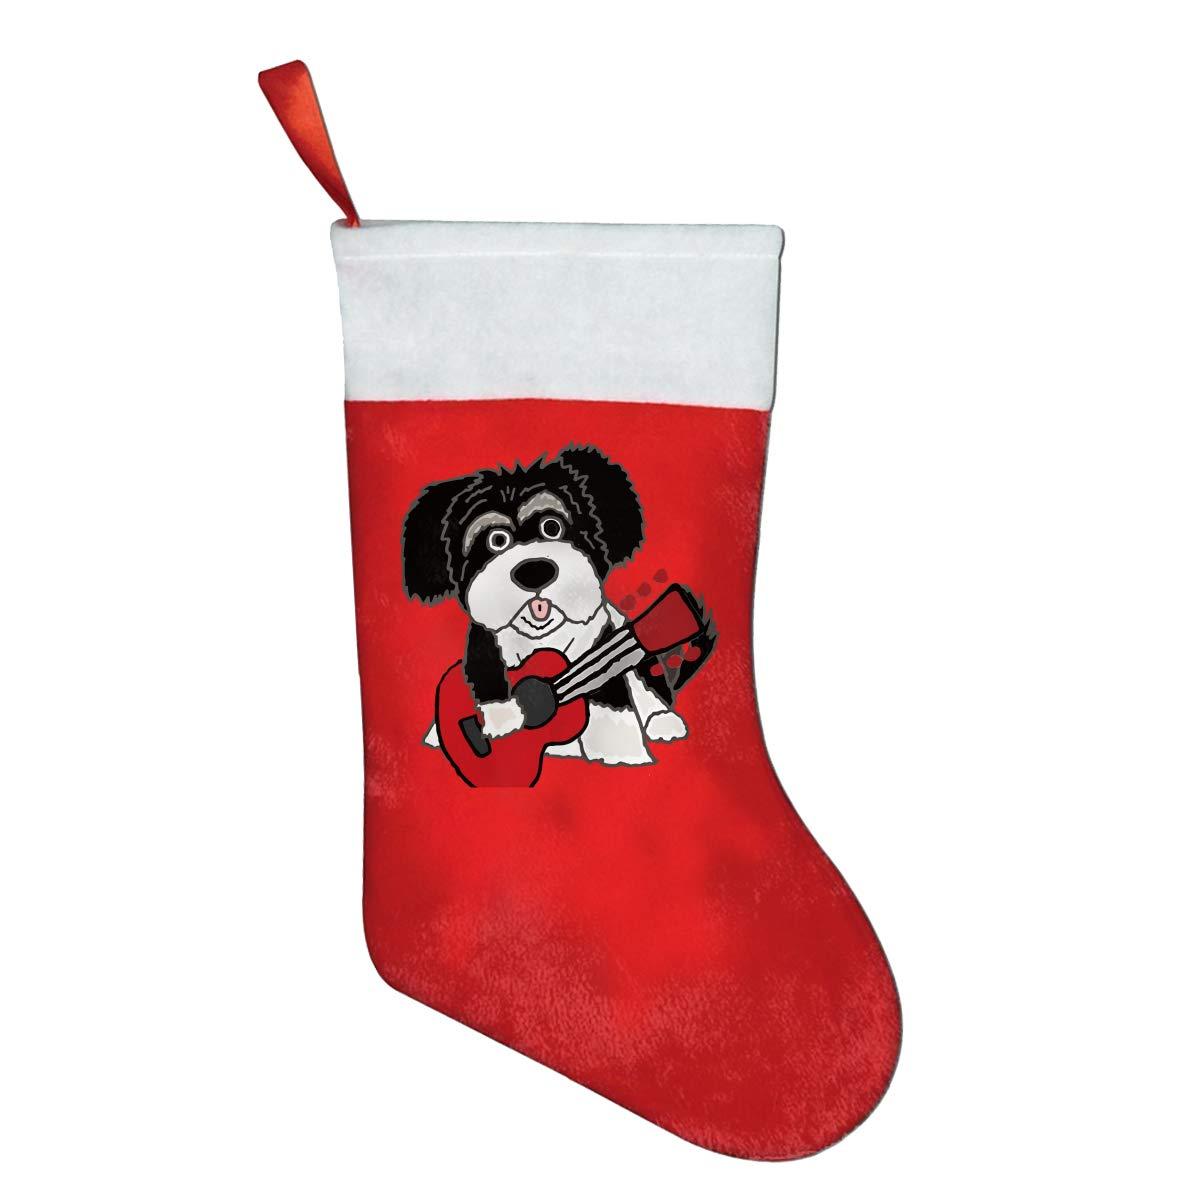 CYMO Africa Christmas Stockings Socks Gift Bag Decoration Home Decor